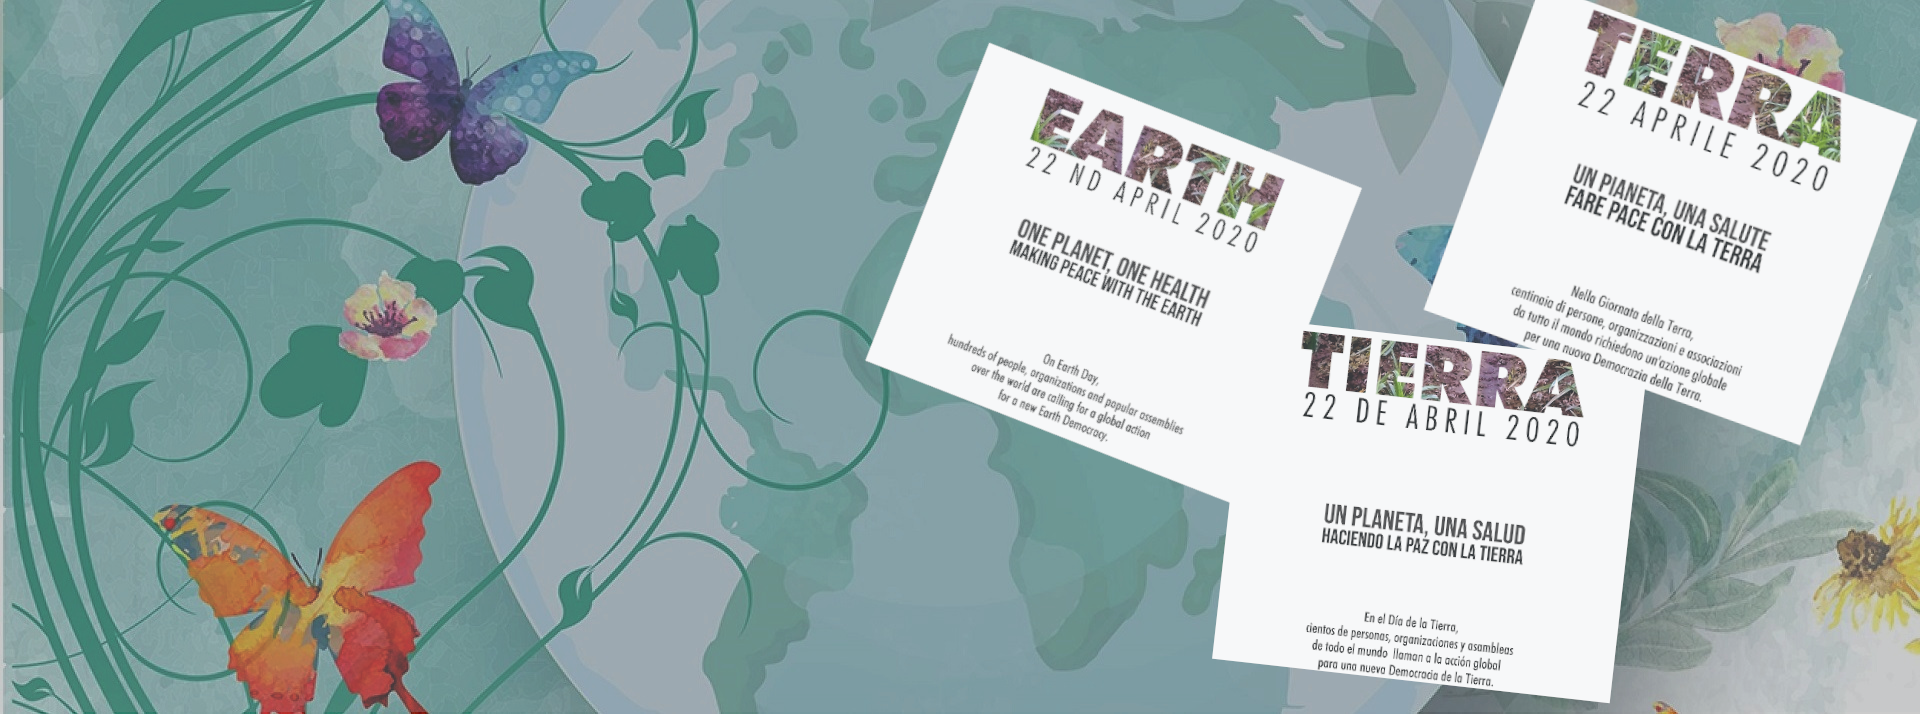 Comunicato per la Giornata della Terra